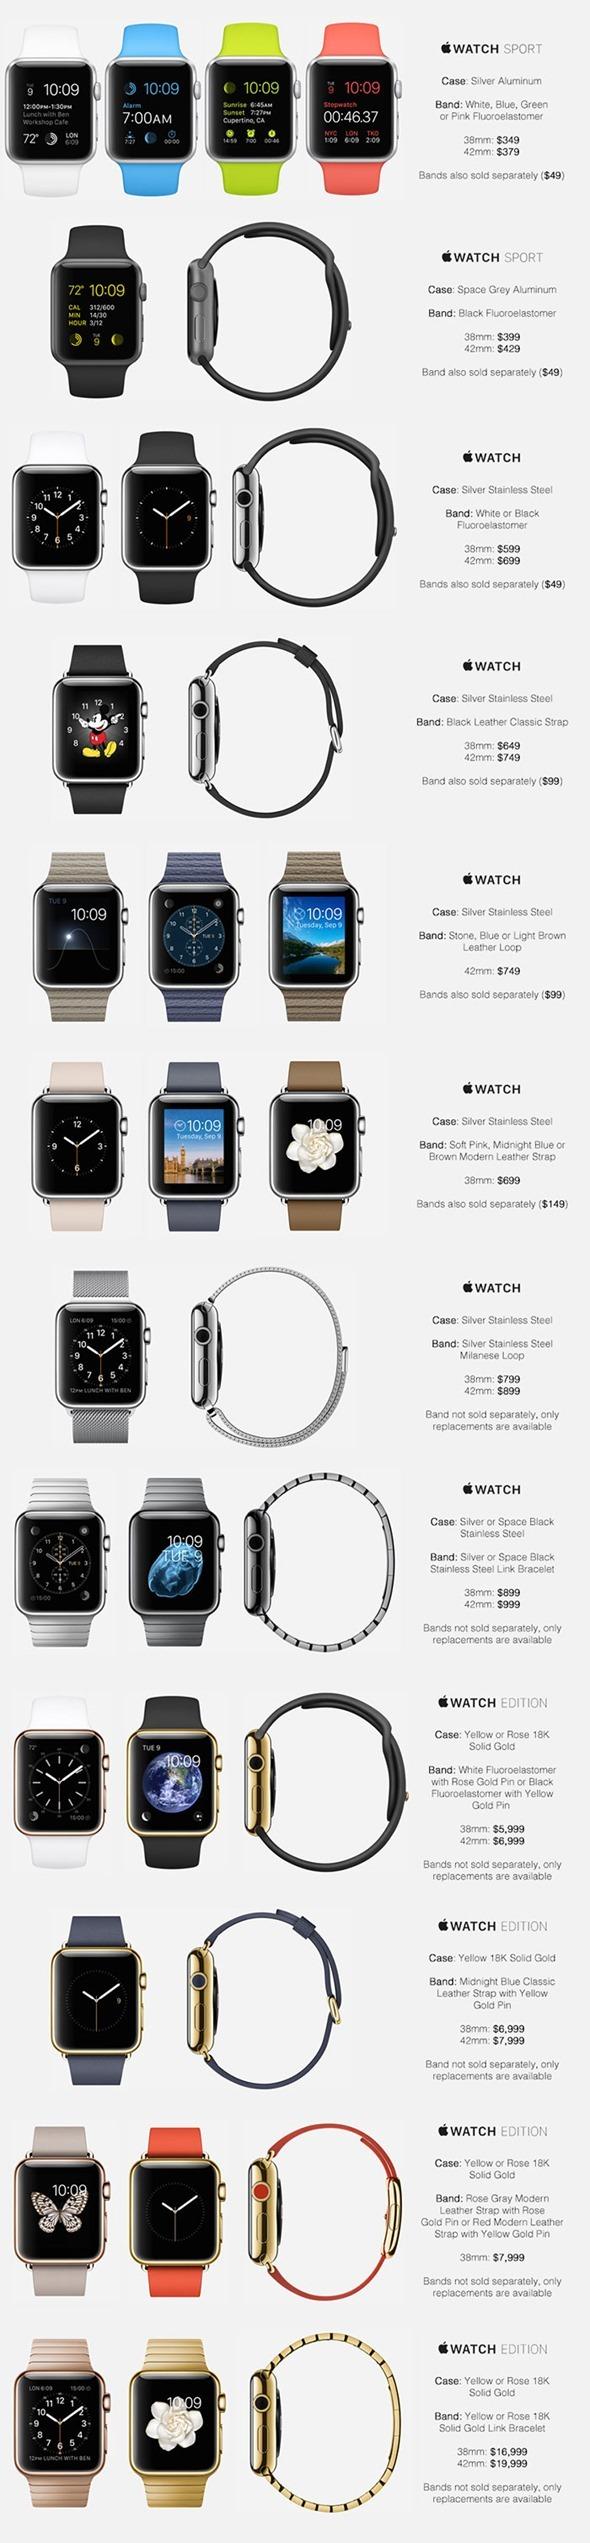 Apple Watch 樣式大公開,果然高檔!售價 349~19999 美元 apple-watch-price